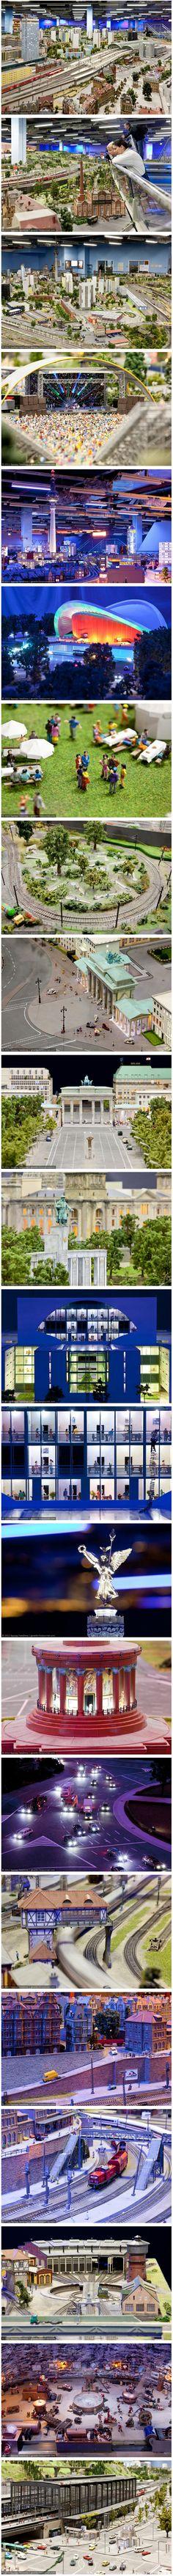 Worlds Largest Model Railroad Scenery, Loxx, Berlin, Germany